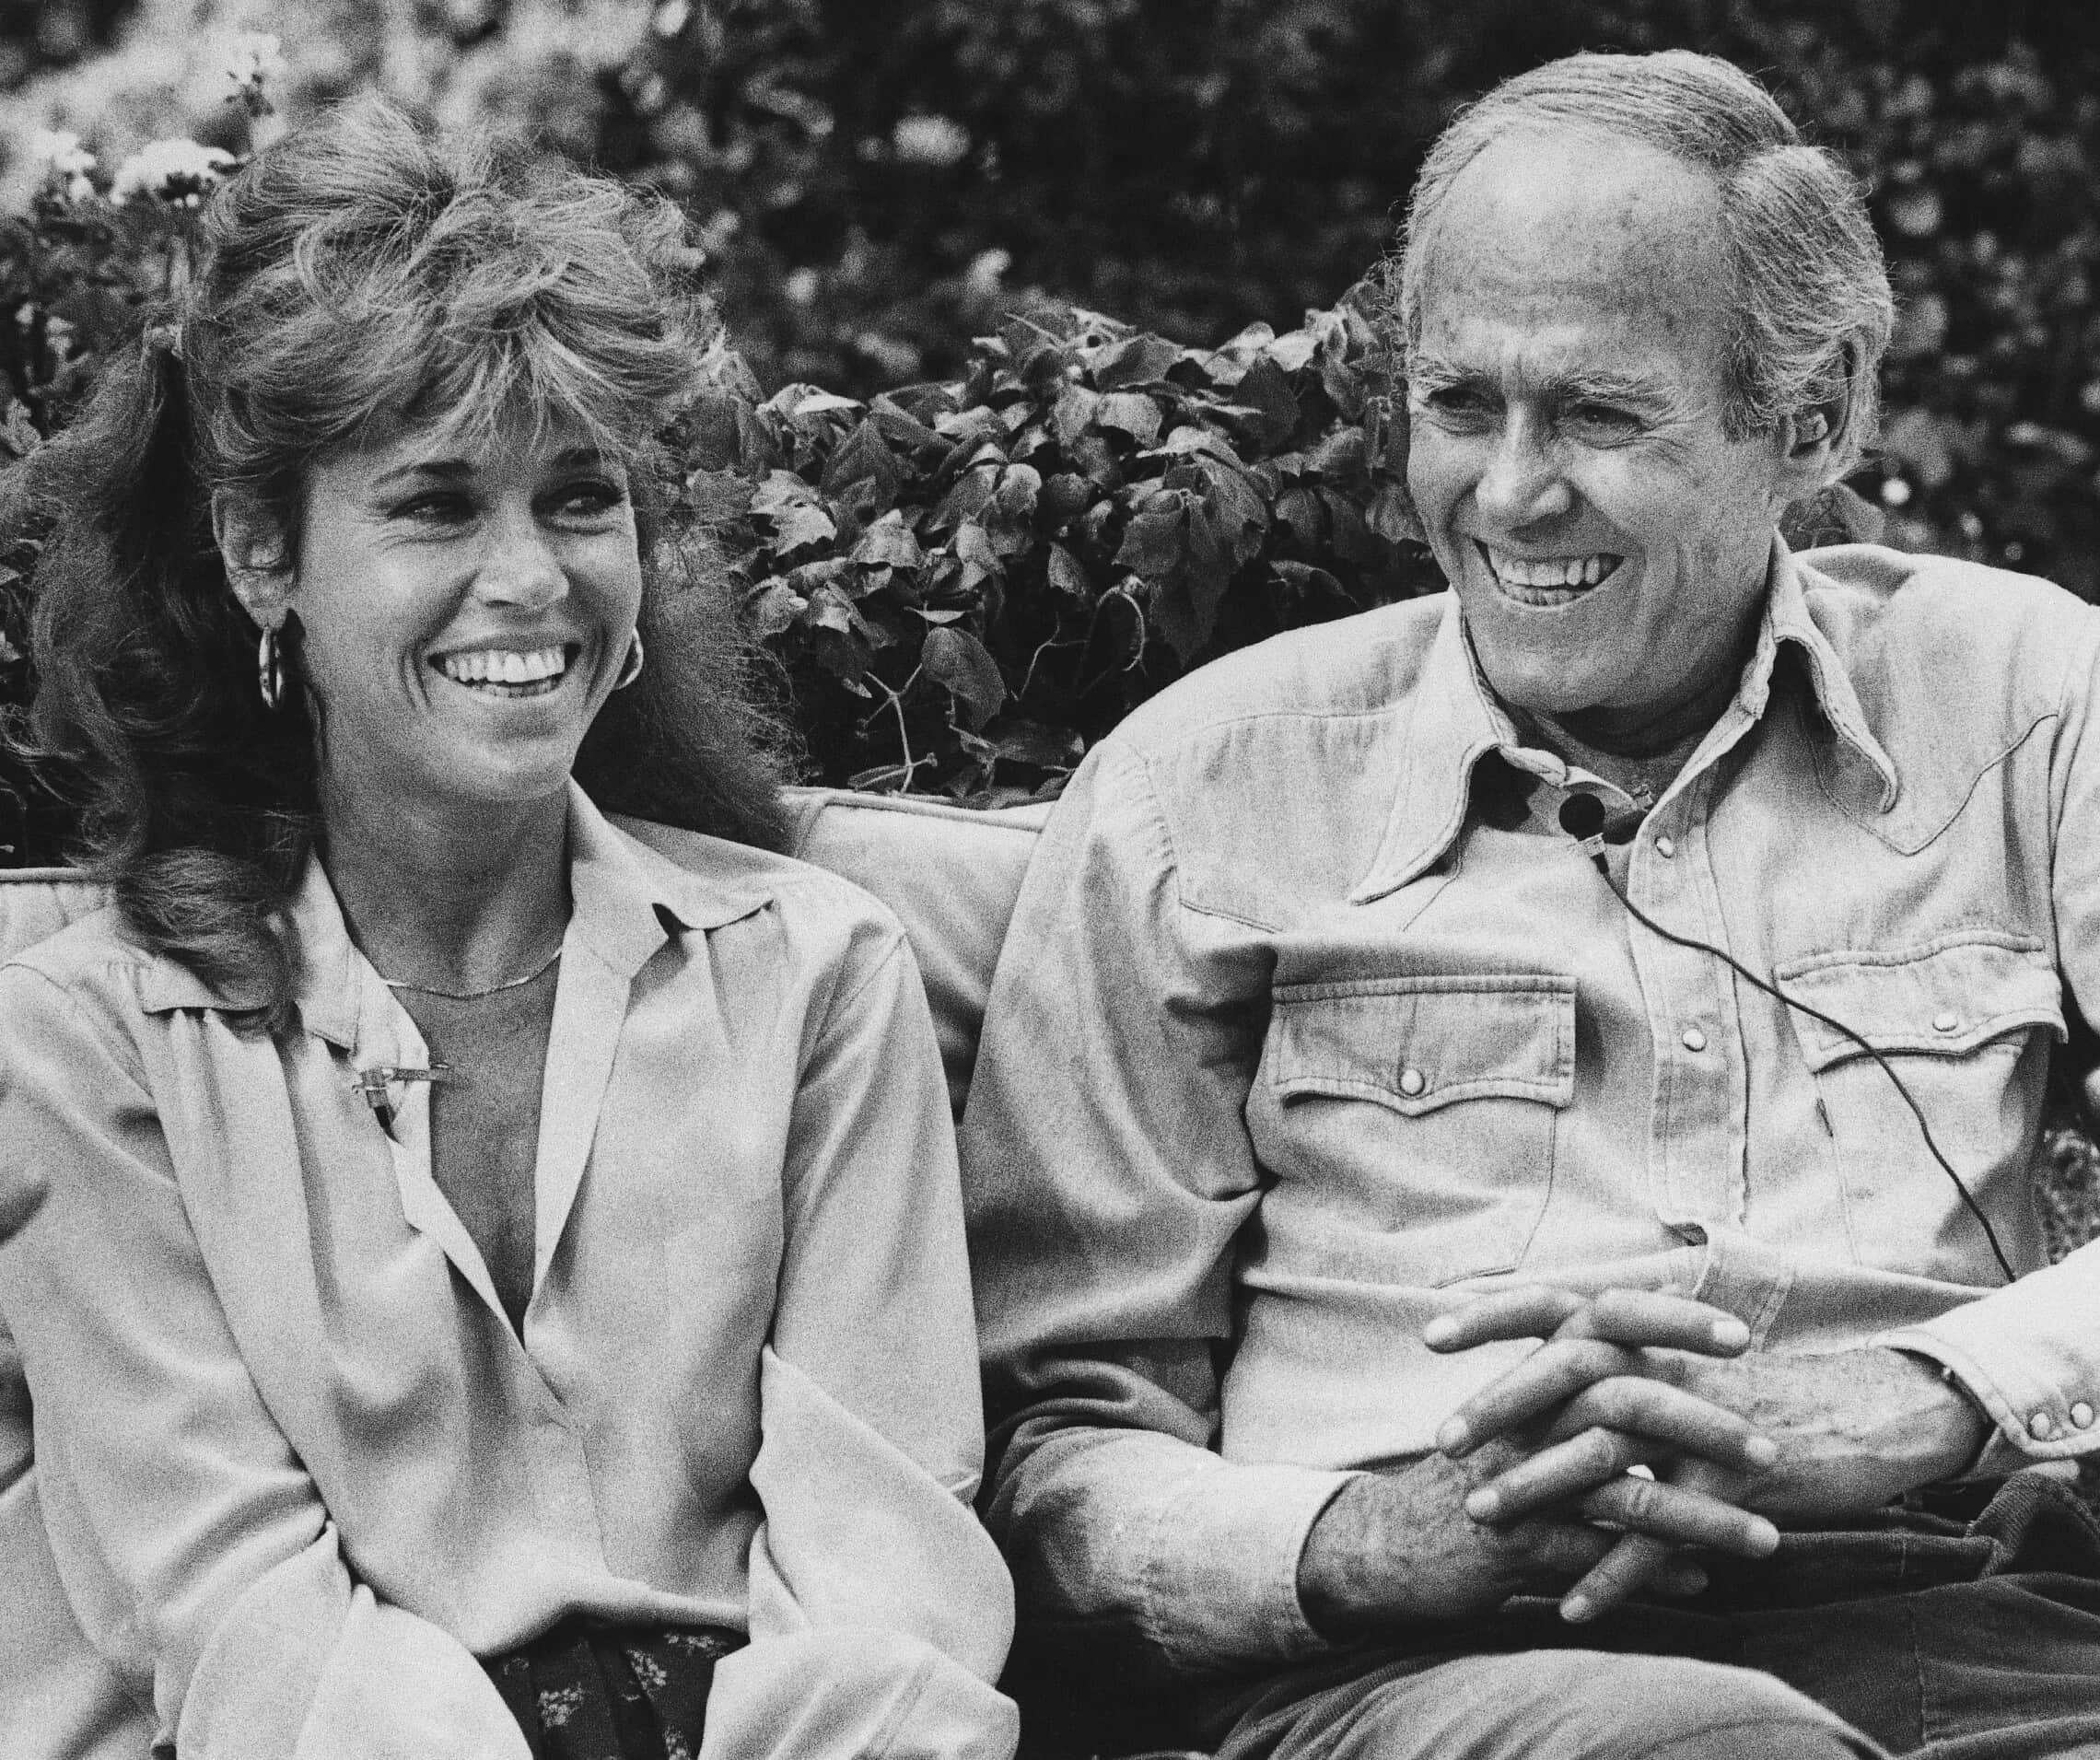 הנרי פונדה וג'יין פונדה ב-1979 (צילום: AP Photo/ Reed Saxon)